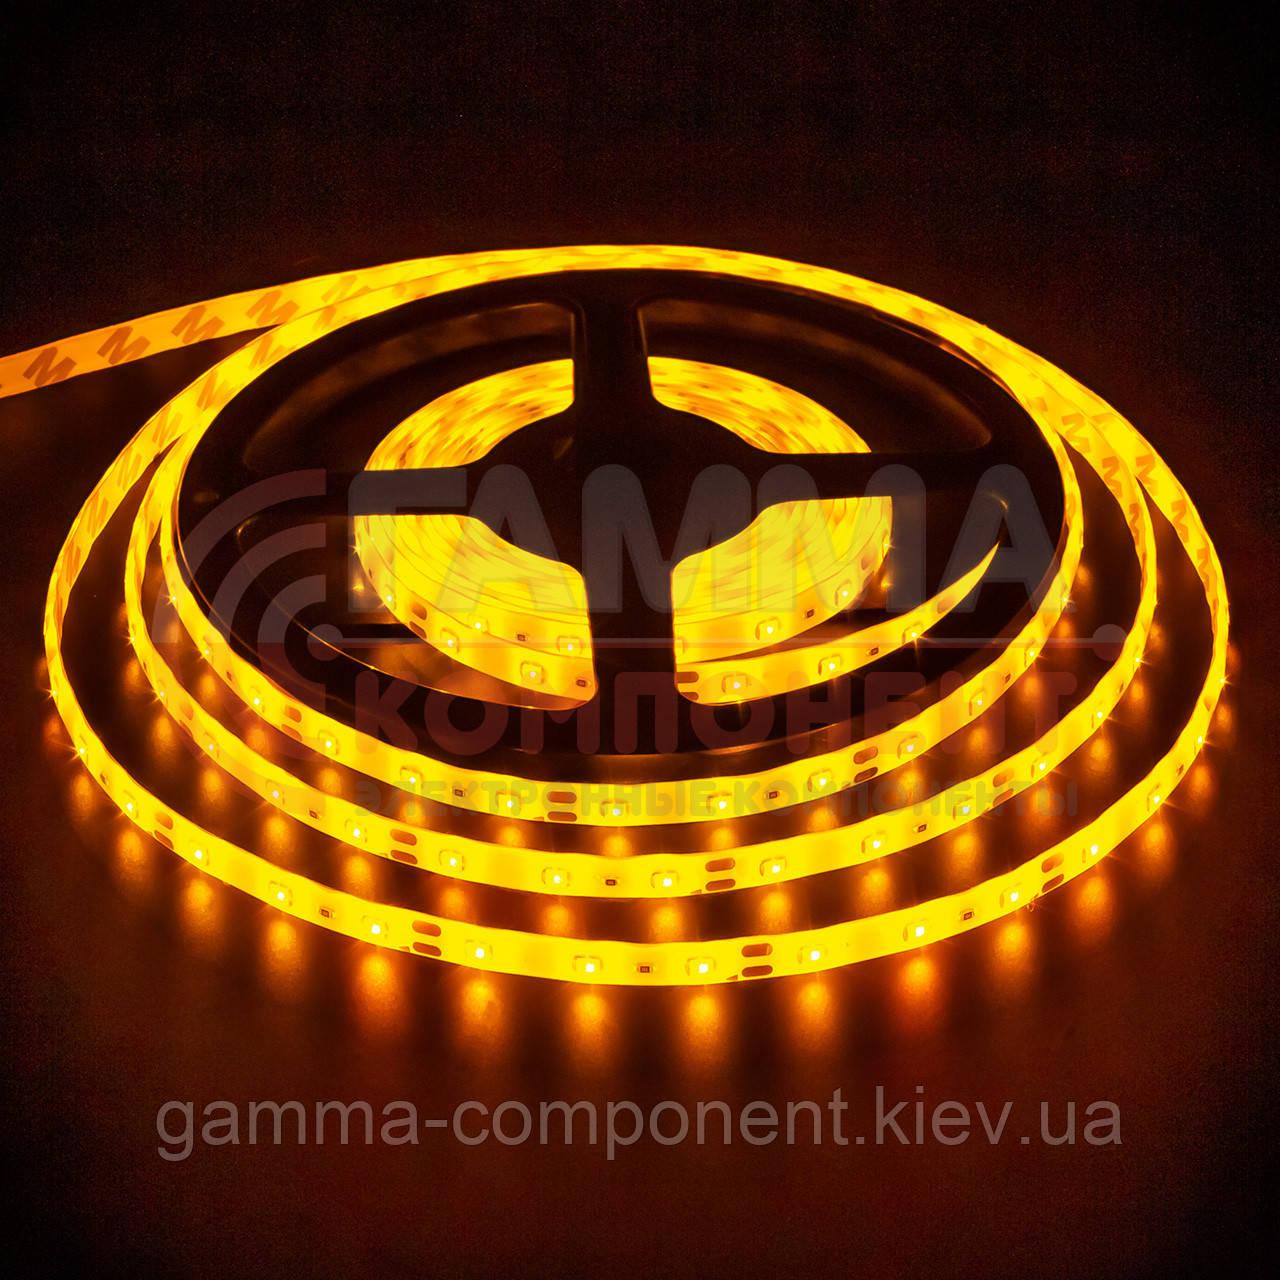 Светодиодная лента SMD 5050 (60 LED/м), желтый, IP20, 12В